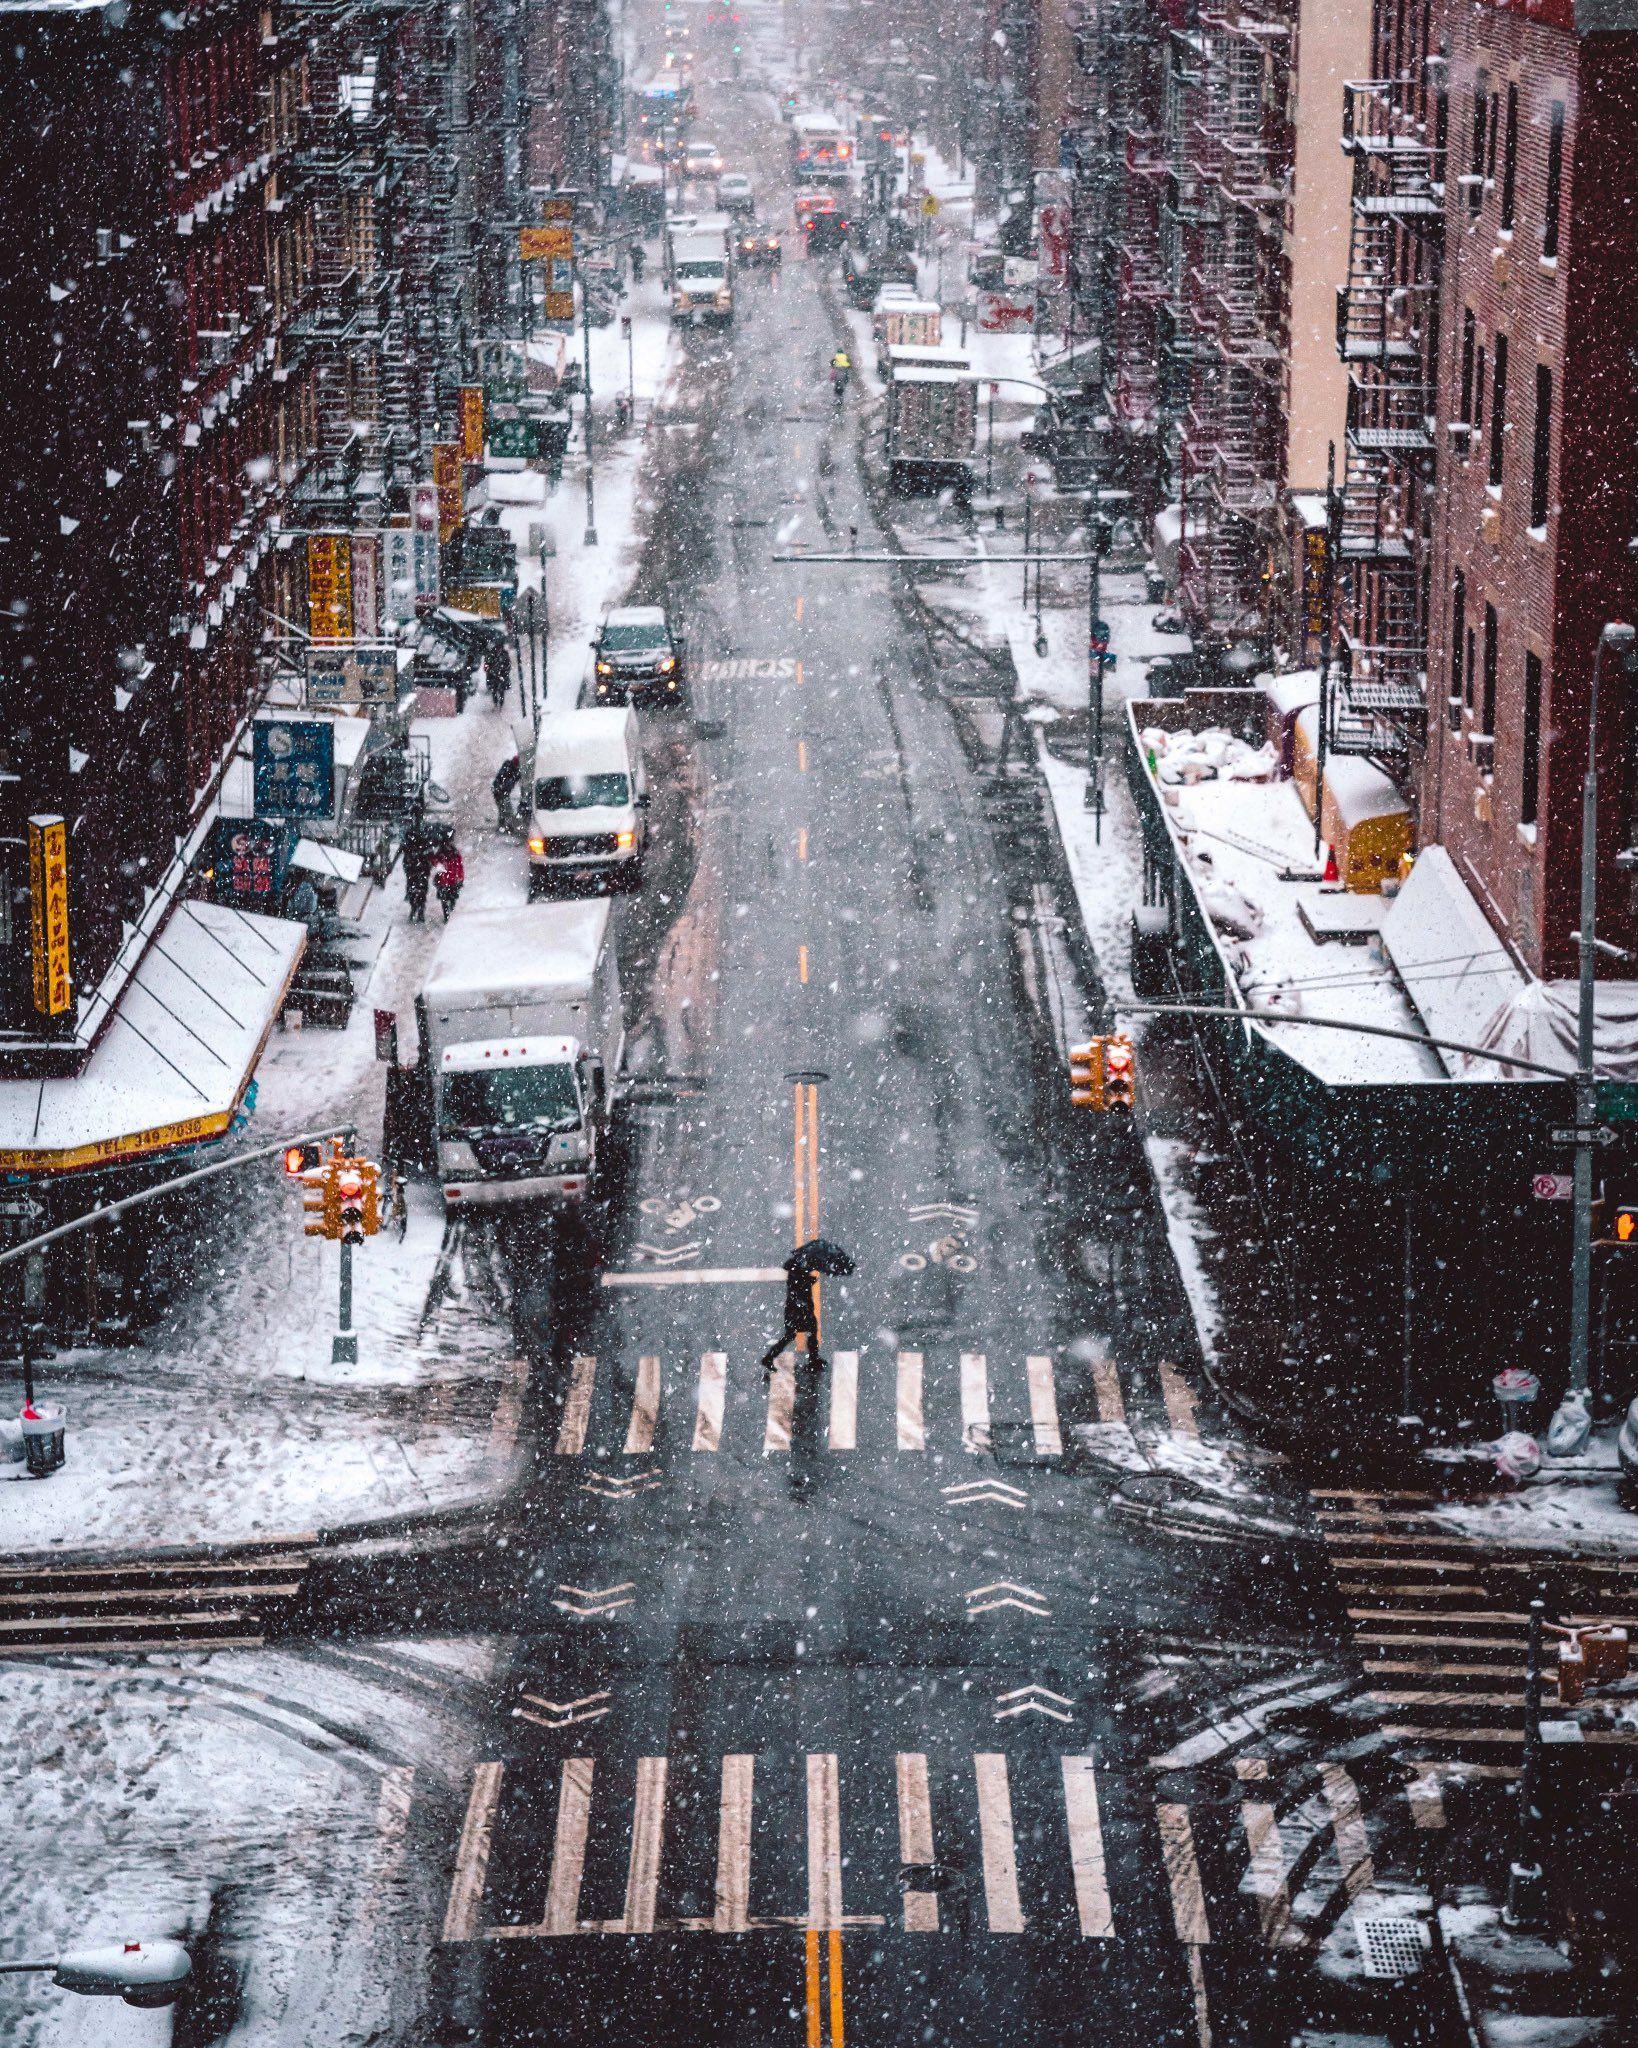 Ryan Millier On Twitter In 2021 City Wallpaper New York Christmas Winter Wallpaper